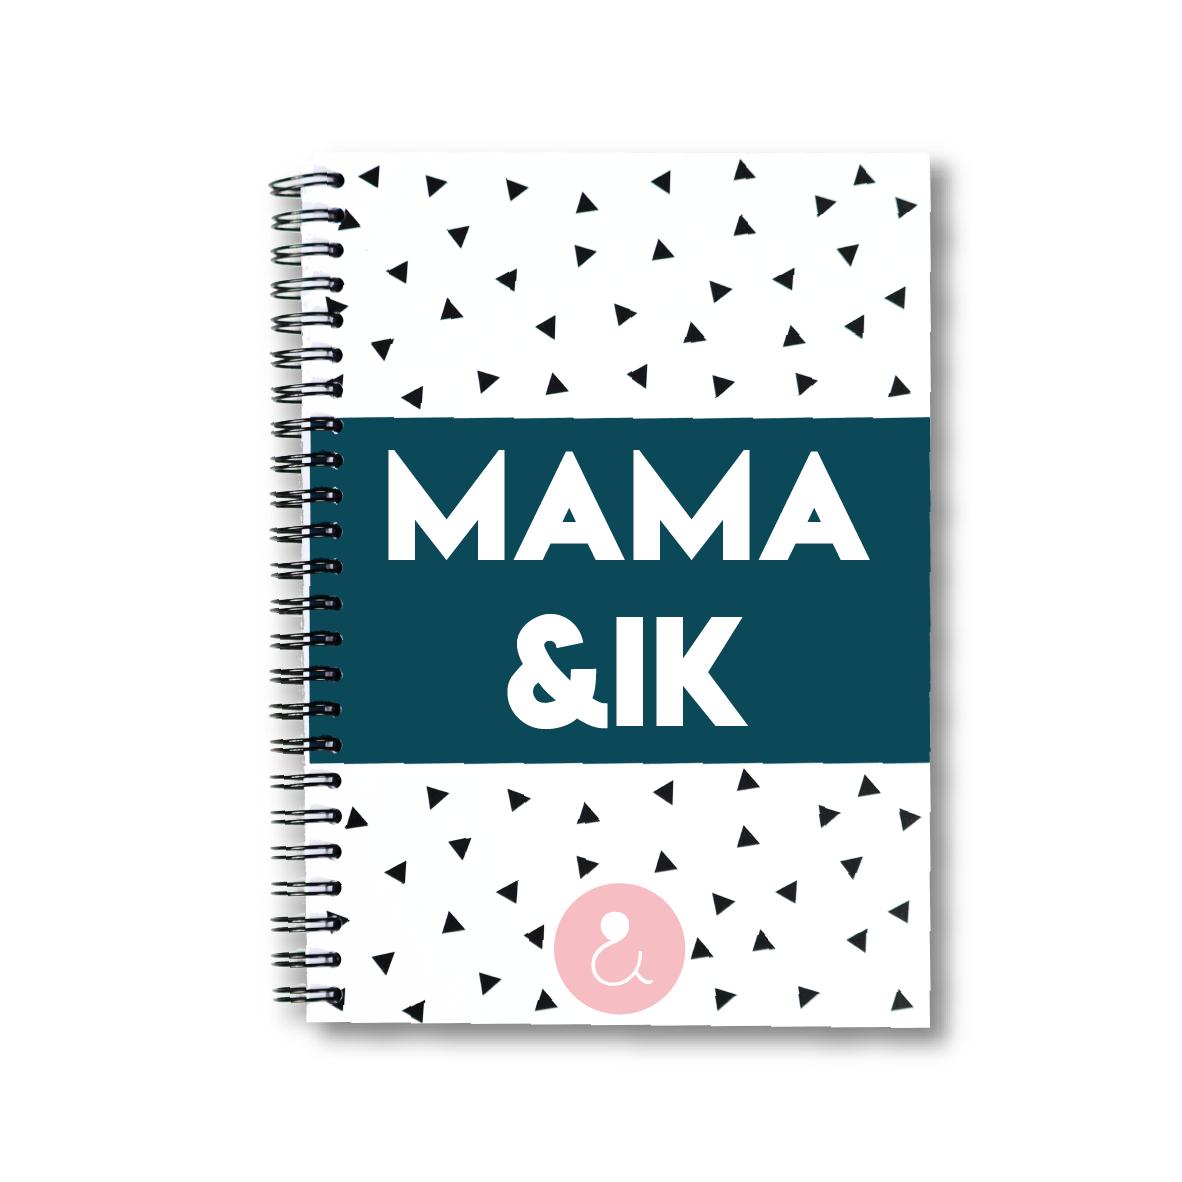 Mama&ik | invulboek voor mama (roze stip)